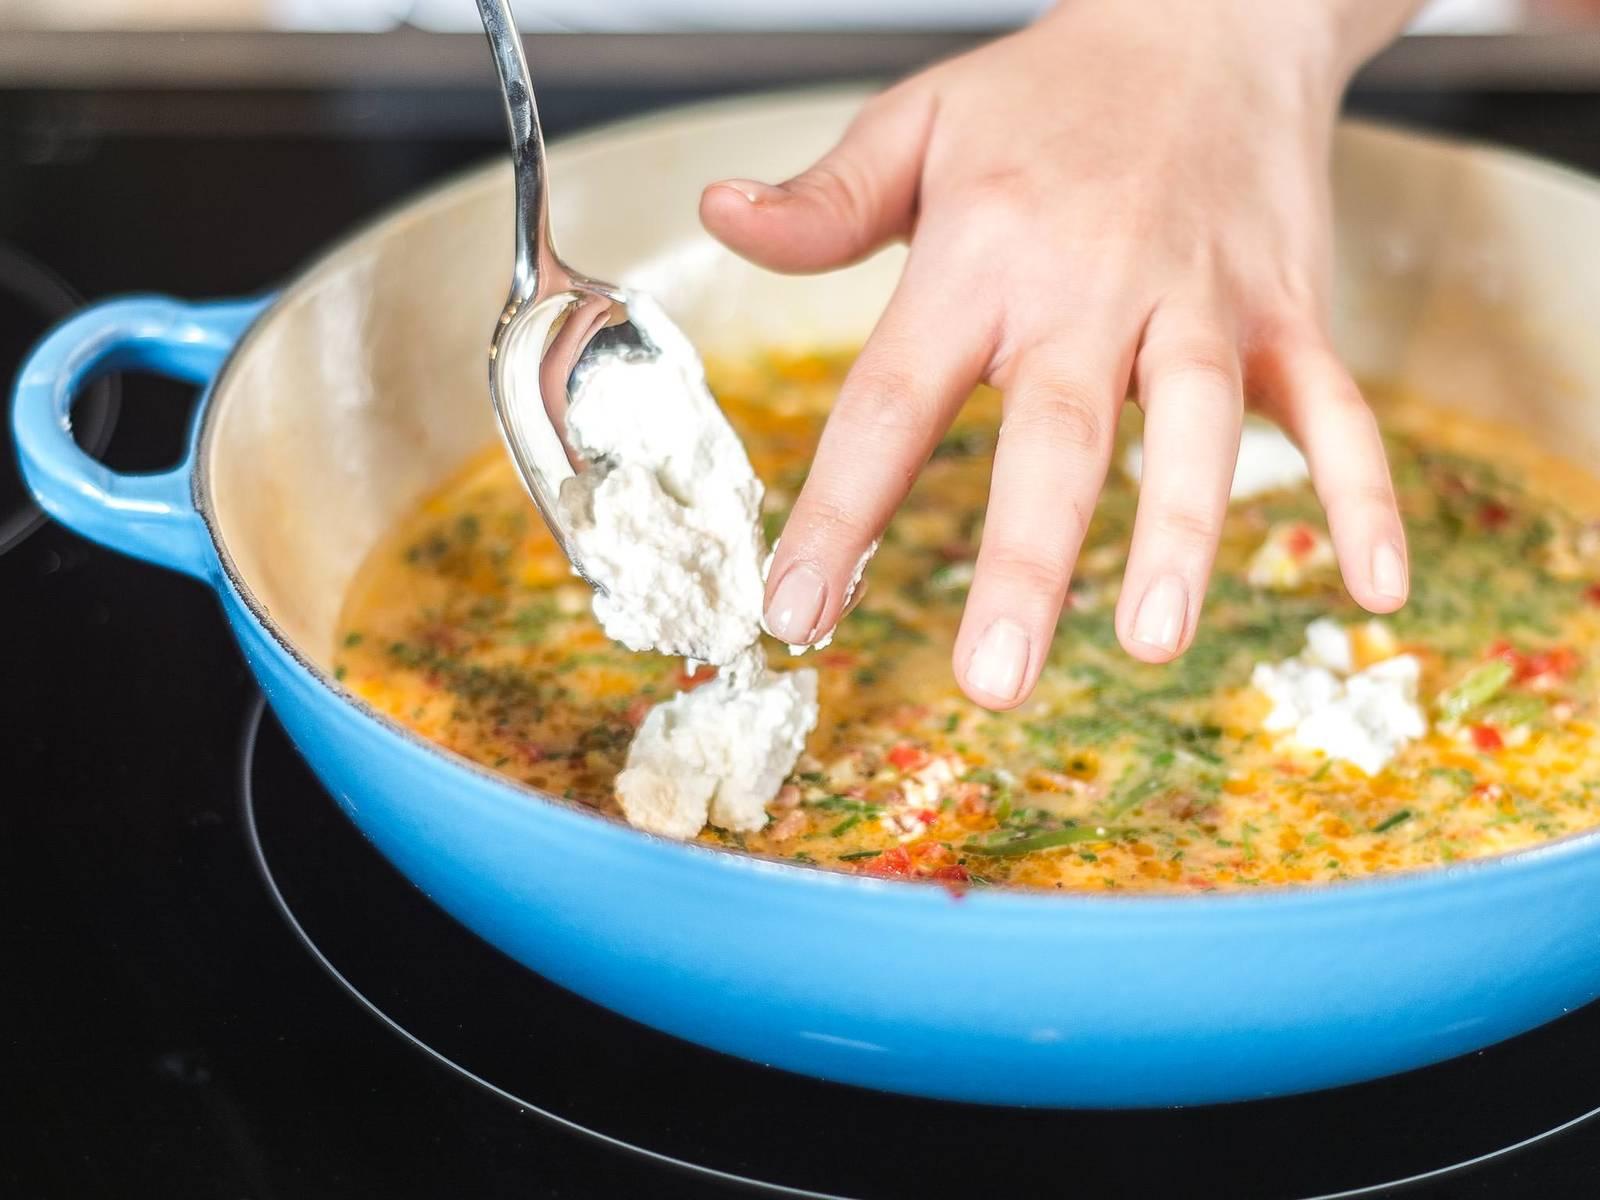 Sobald die Masse am Boden zum Teil gestockt ist, den restlichen Ziegenkäse obenauf verteilen. Leicht pfeffern und bei 180°C für ca. 5 – 6 Min. fertig garen. Parmesan auf die fertige Frittata geben und warm servieren.